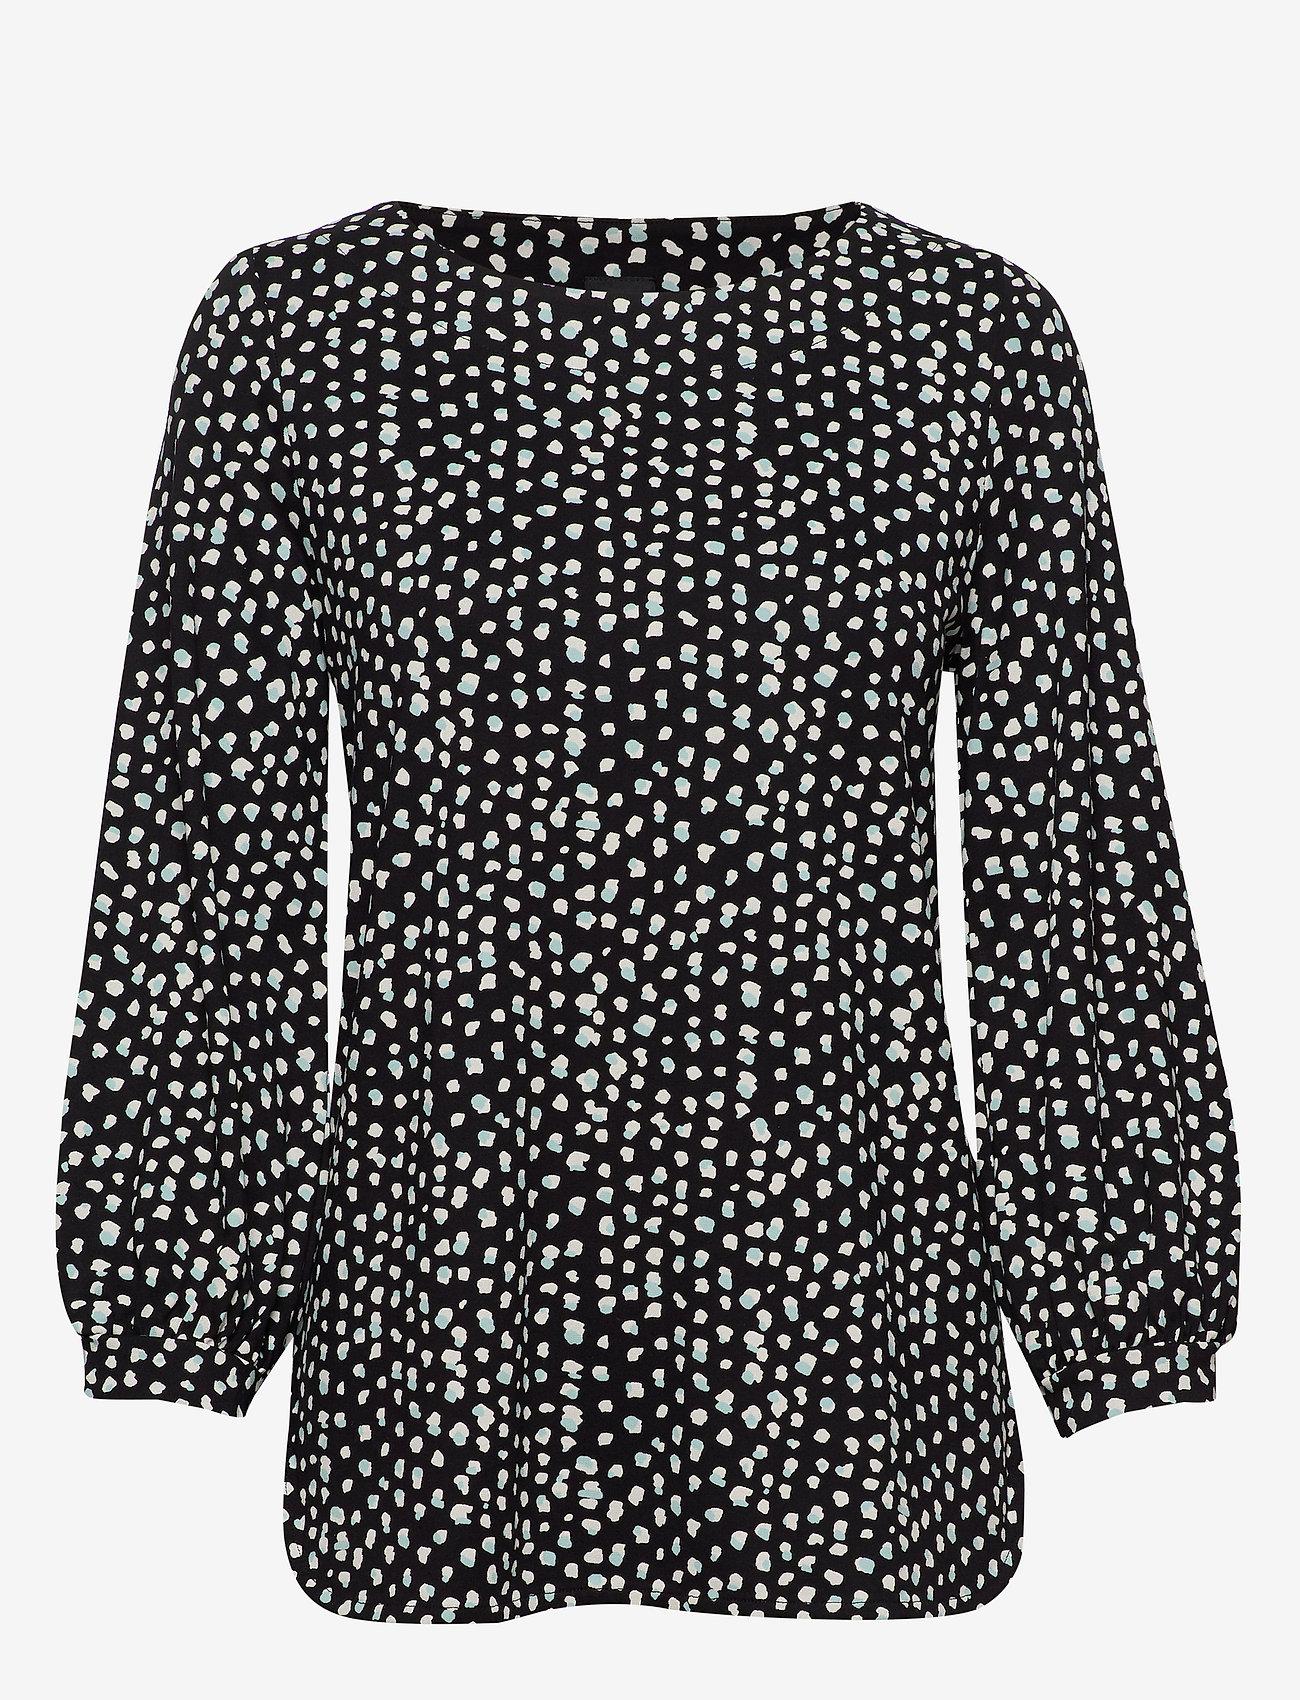 Nanso - Ladies blouse, Dippi - pitkähihaiset t-paidat - black - 0